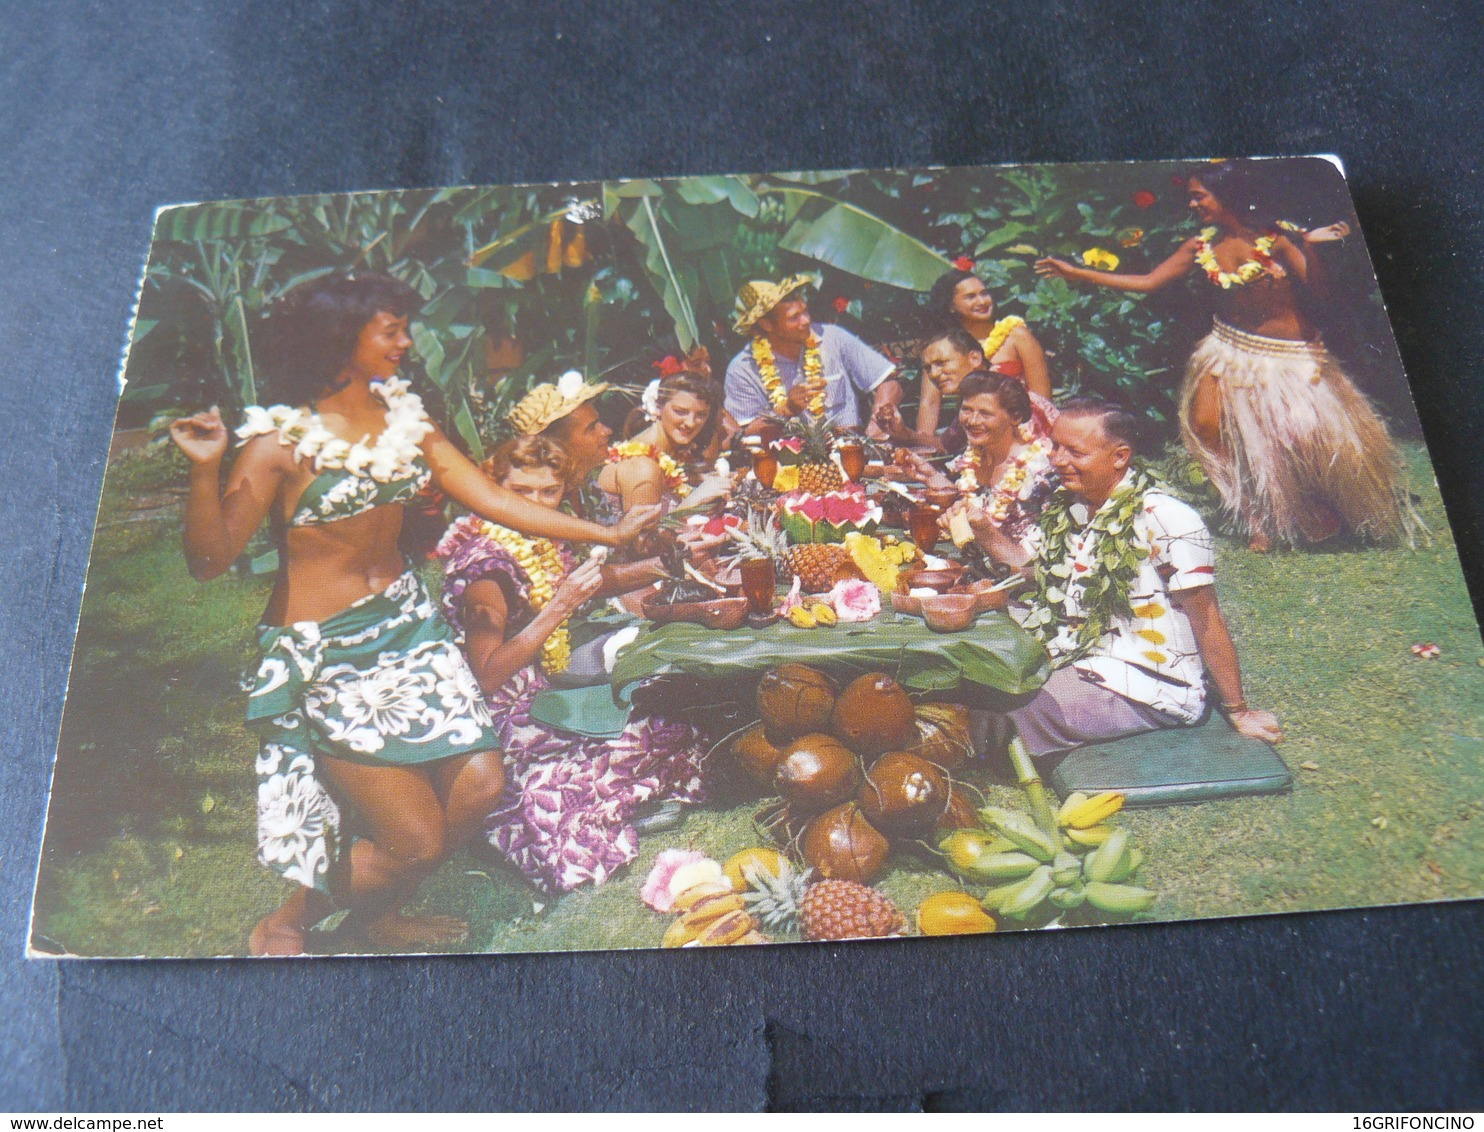 1951 ANCIENT BEAUTIFUL SMALL POSTCARD OF SAMOA  / ANTICA  PICCOLA CARTOLINA  VIAGGIATA DI SAMOA - Samoa Américaine